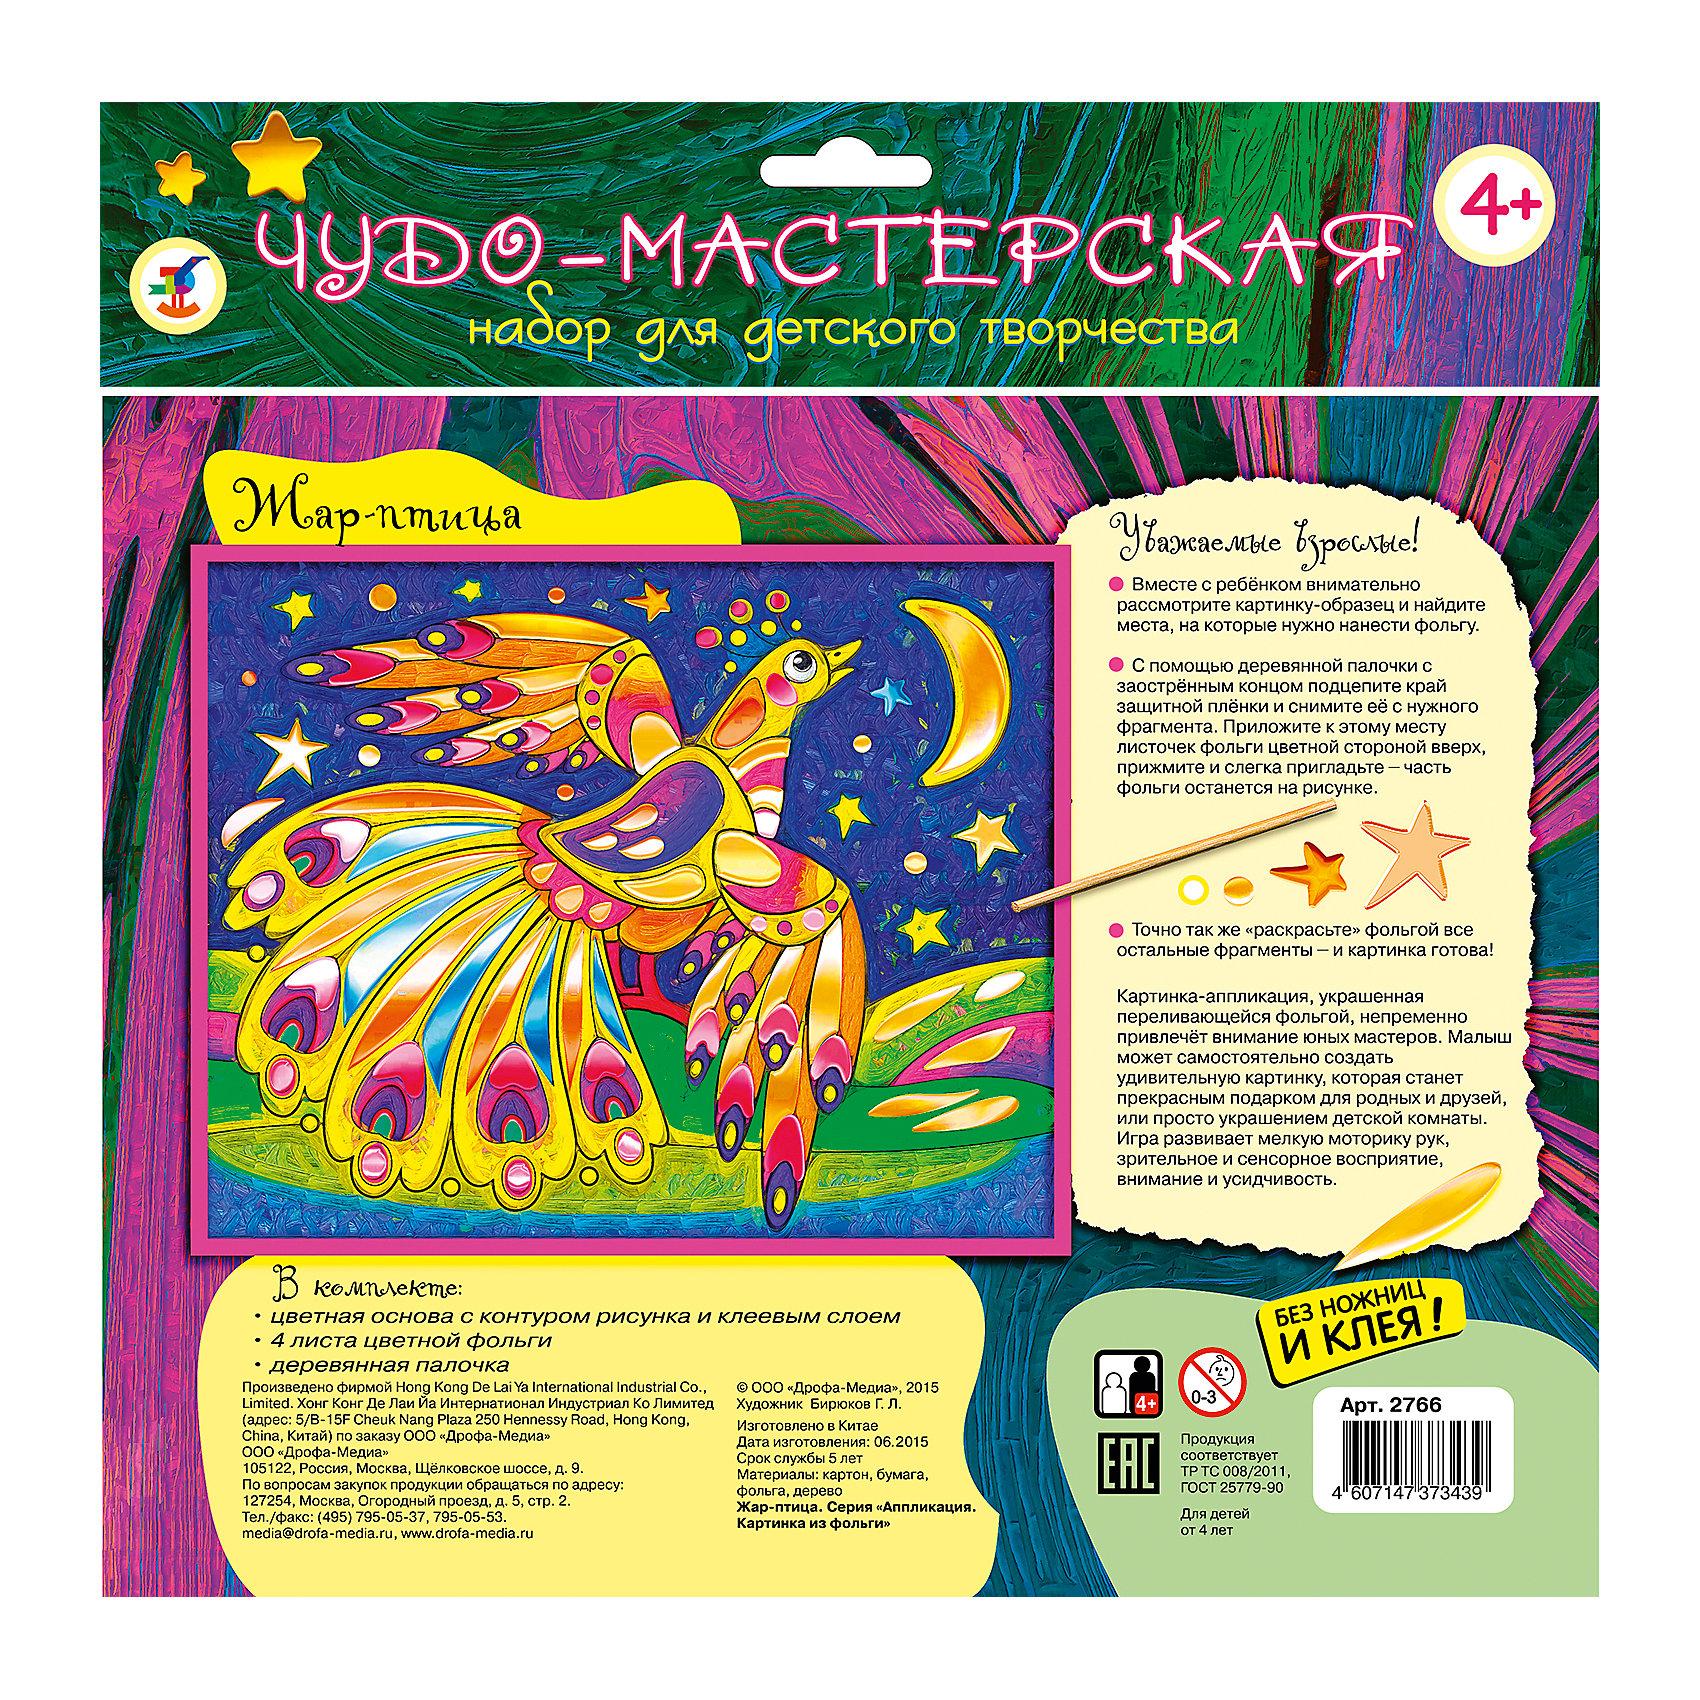 Картинка из фольги Жар-птицаКартинка из фольги Жар-птица наверняка понравится Вашему малышу, а процесс ее изготовления принесет массу удовольствия и положительных эмоций. В комплекте Вы найдете цветную основу с контуром рисунка и клеевым слоем, листы цветной фольги и деревянную палочку.<br>Вместе с ребенком рассмотрите картинку-основу и найдите места, которые нужно раскрасить фольгой. Аккуратно снимите защитный слой с нужного фрагмента и приложите к нему листочек фольги цветной стороной вверх - часть фольги останется на рисунке. Нанесите фольгу на все оставшиеся детали рисунка. Яркая картинка со сказочной Жар-птицей украсит комнату ребенка или станет подарком, сделанным собственными руками для друзей и родных. Набор способствует развитию мелкой моторики рук, внимания, творческих и художественных способностей ребенка.<br><br>Дополнительная информация:<br><br>- В комплекте: цветная основа с контурным рисунком и клеевым слоем, 4 листа цветной фольги, деревянная палочка.<br>- Материал: картон, бумага, фольга.<br>- Размер упаковки: 26 х 21 х 0,2 см.<br>- Вес: 32 гр.<br><br>Картинку из фольги Жар-птица, Дрофа Медиа, можно купить в нашем интернет-магазине.<br><br>Ширина мм: 260<br>Глубина мм: 205<br>Высота мм: 2<br>Вес г: 85<br>Возраст от месяцев: 48<br>Возраст до месяцев: 2147483647<br>Пол: Унисекс<br>Возраст: Детский<br>SKU: 4561829